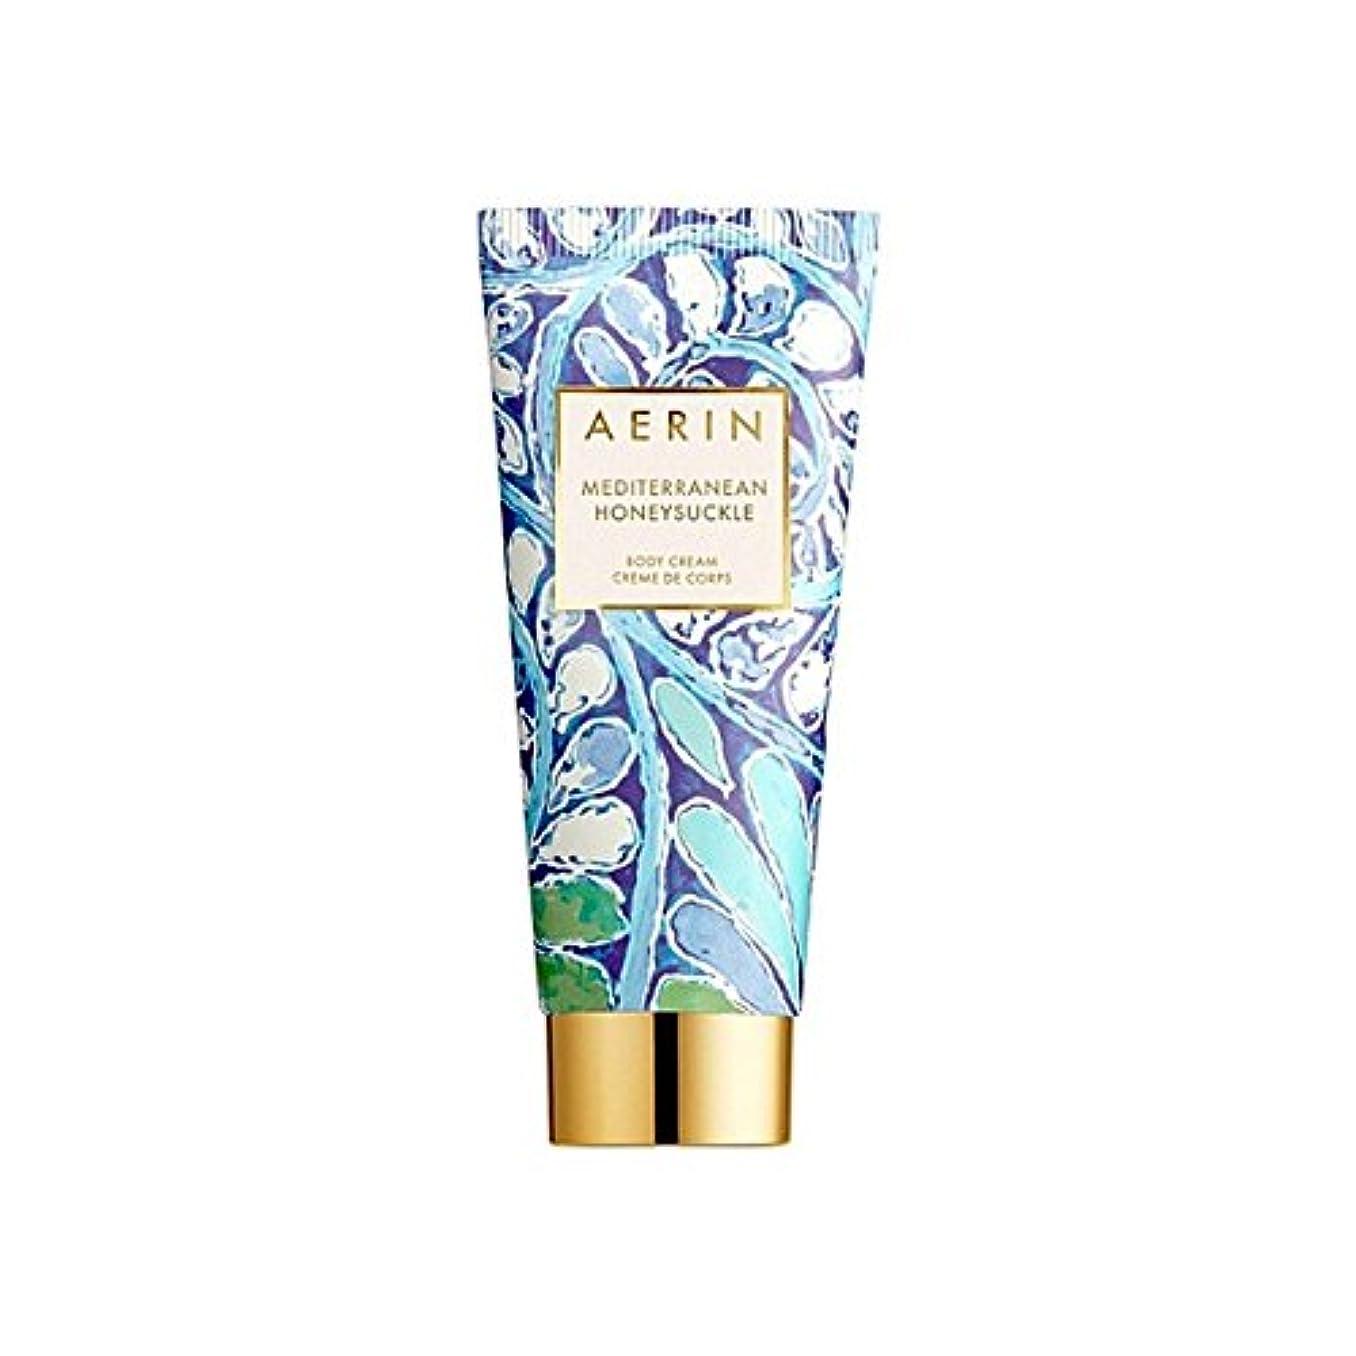 間違い綺麗な緩やかなAerin Mediterrenean Honeysuckle Body Cream 150ml - スイカズラボディクリーム150ミリリットル [並行輸入品]